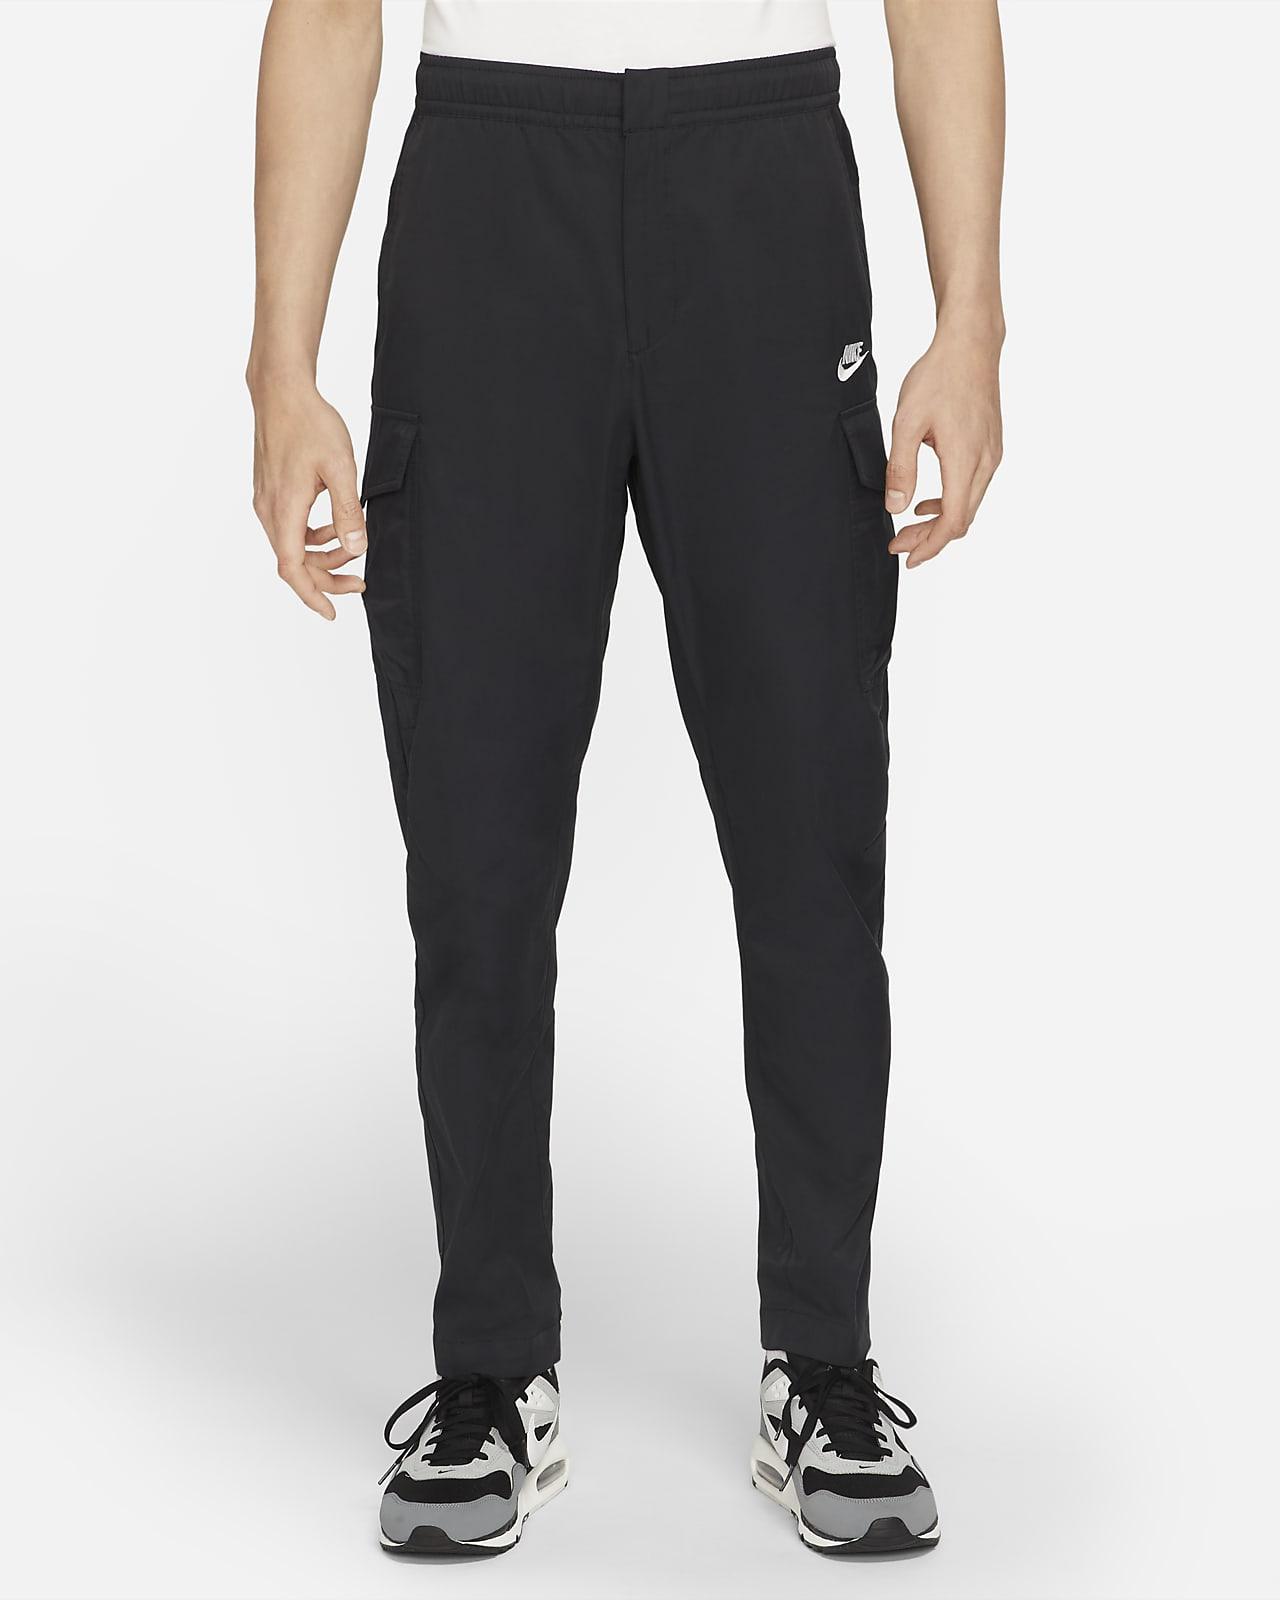 Ανδρικό παντελόνι cargo utility χωρίς επένδυση Nike Sportswear